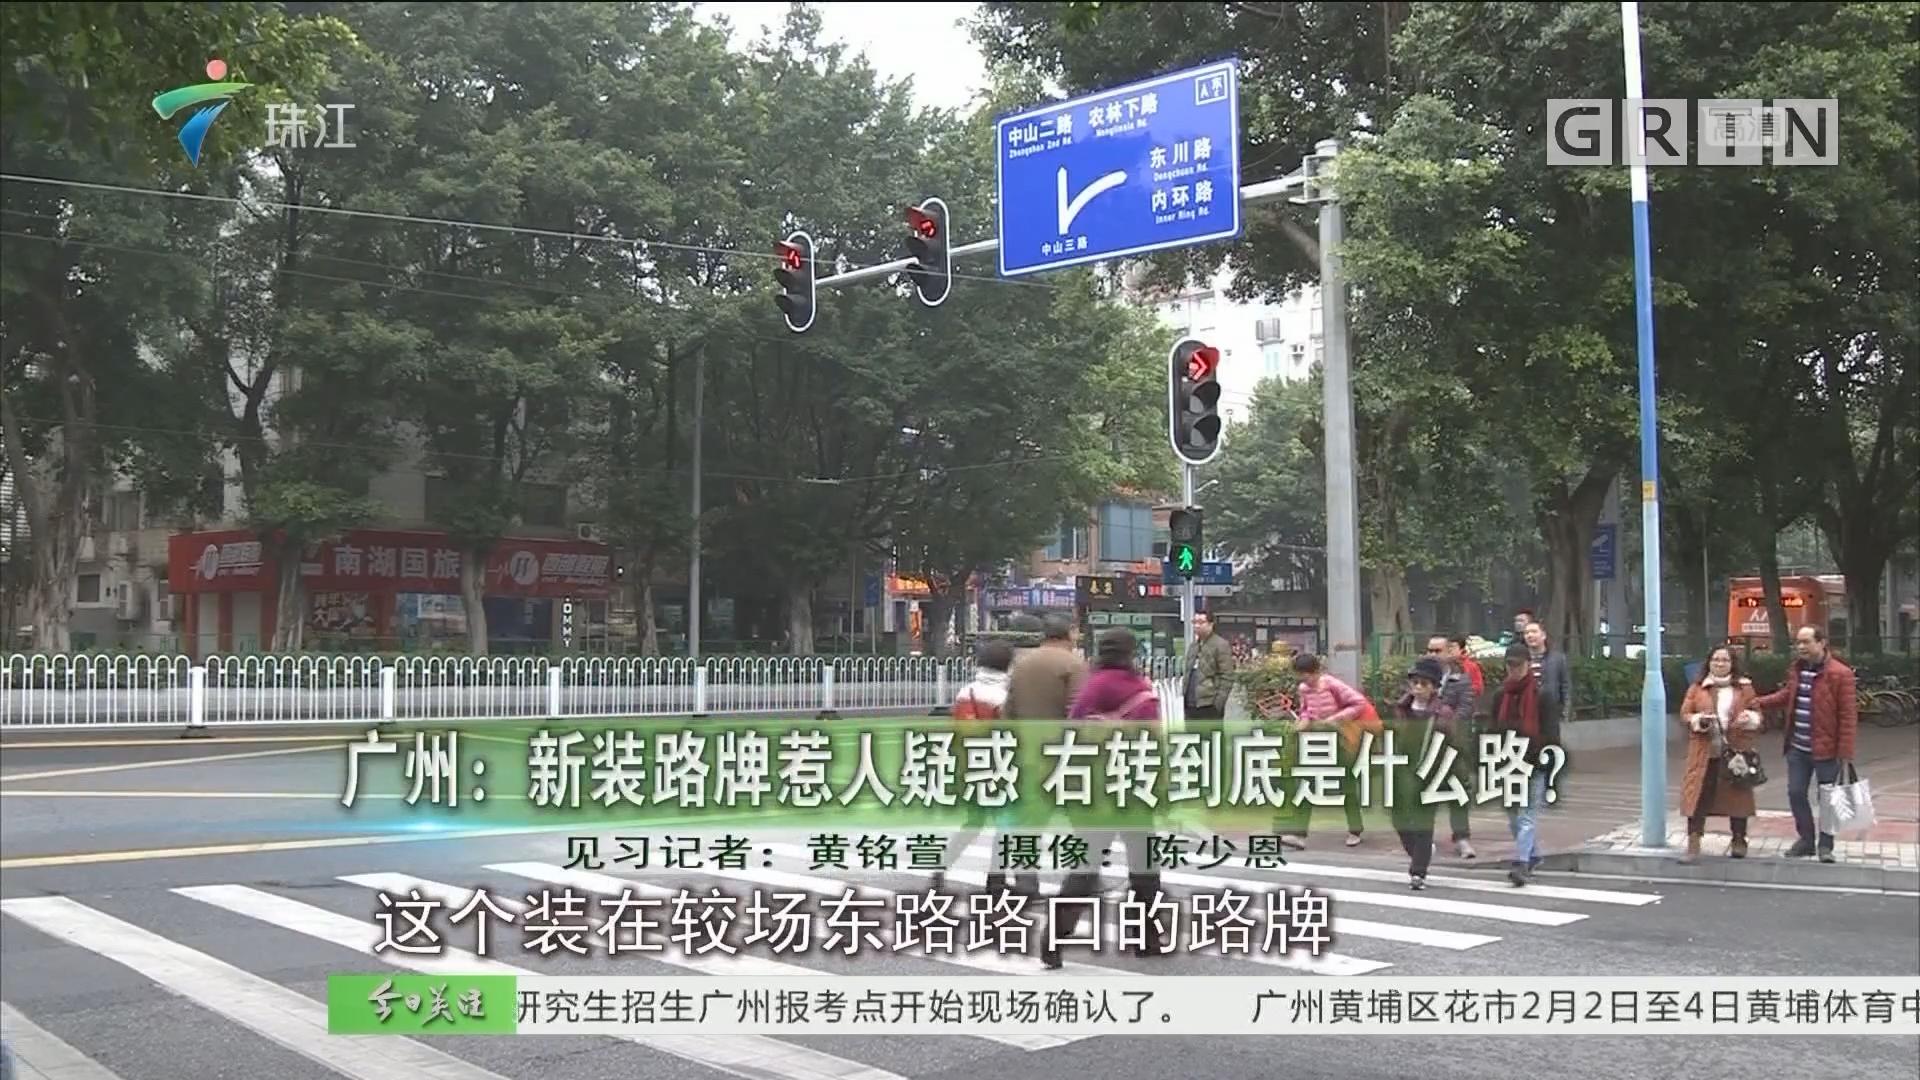 广州:新装路牌惹人疑惑 右转到底是什么路?